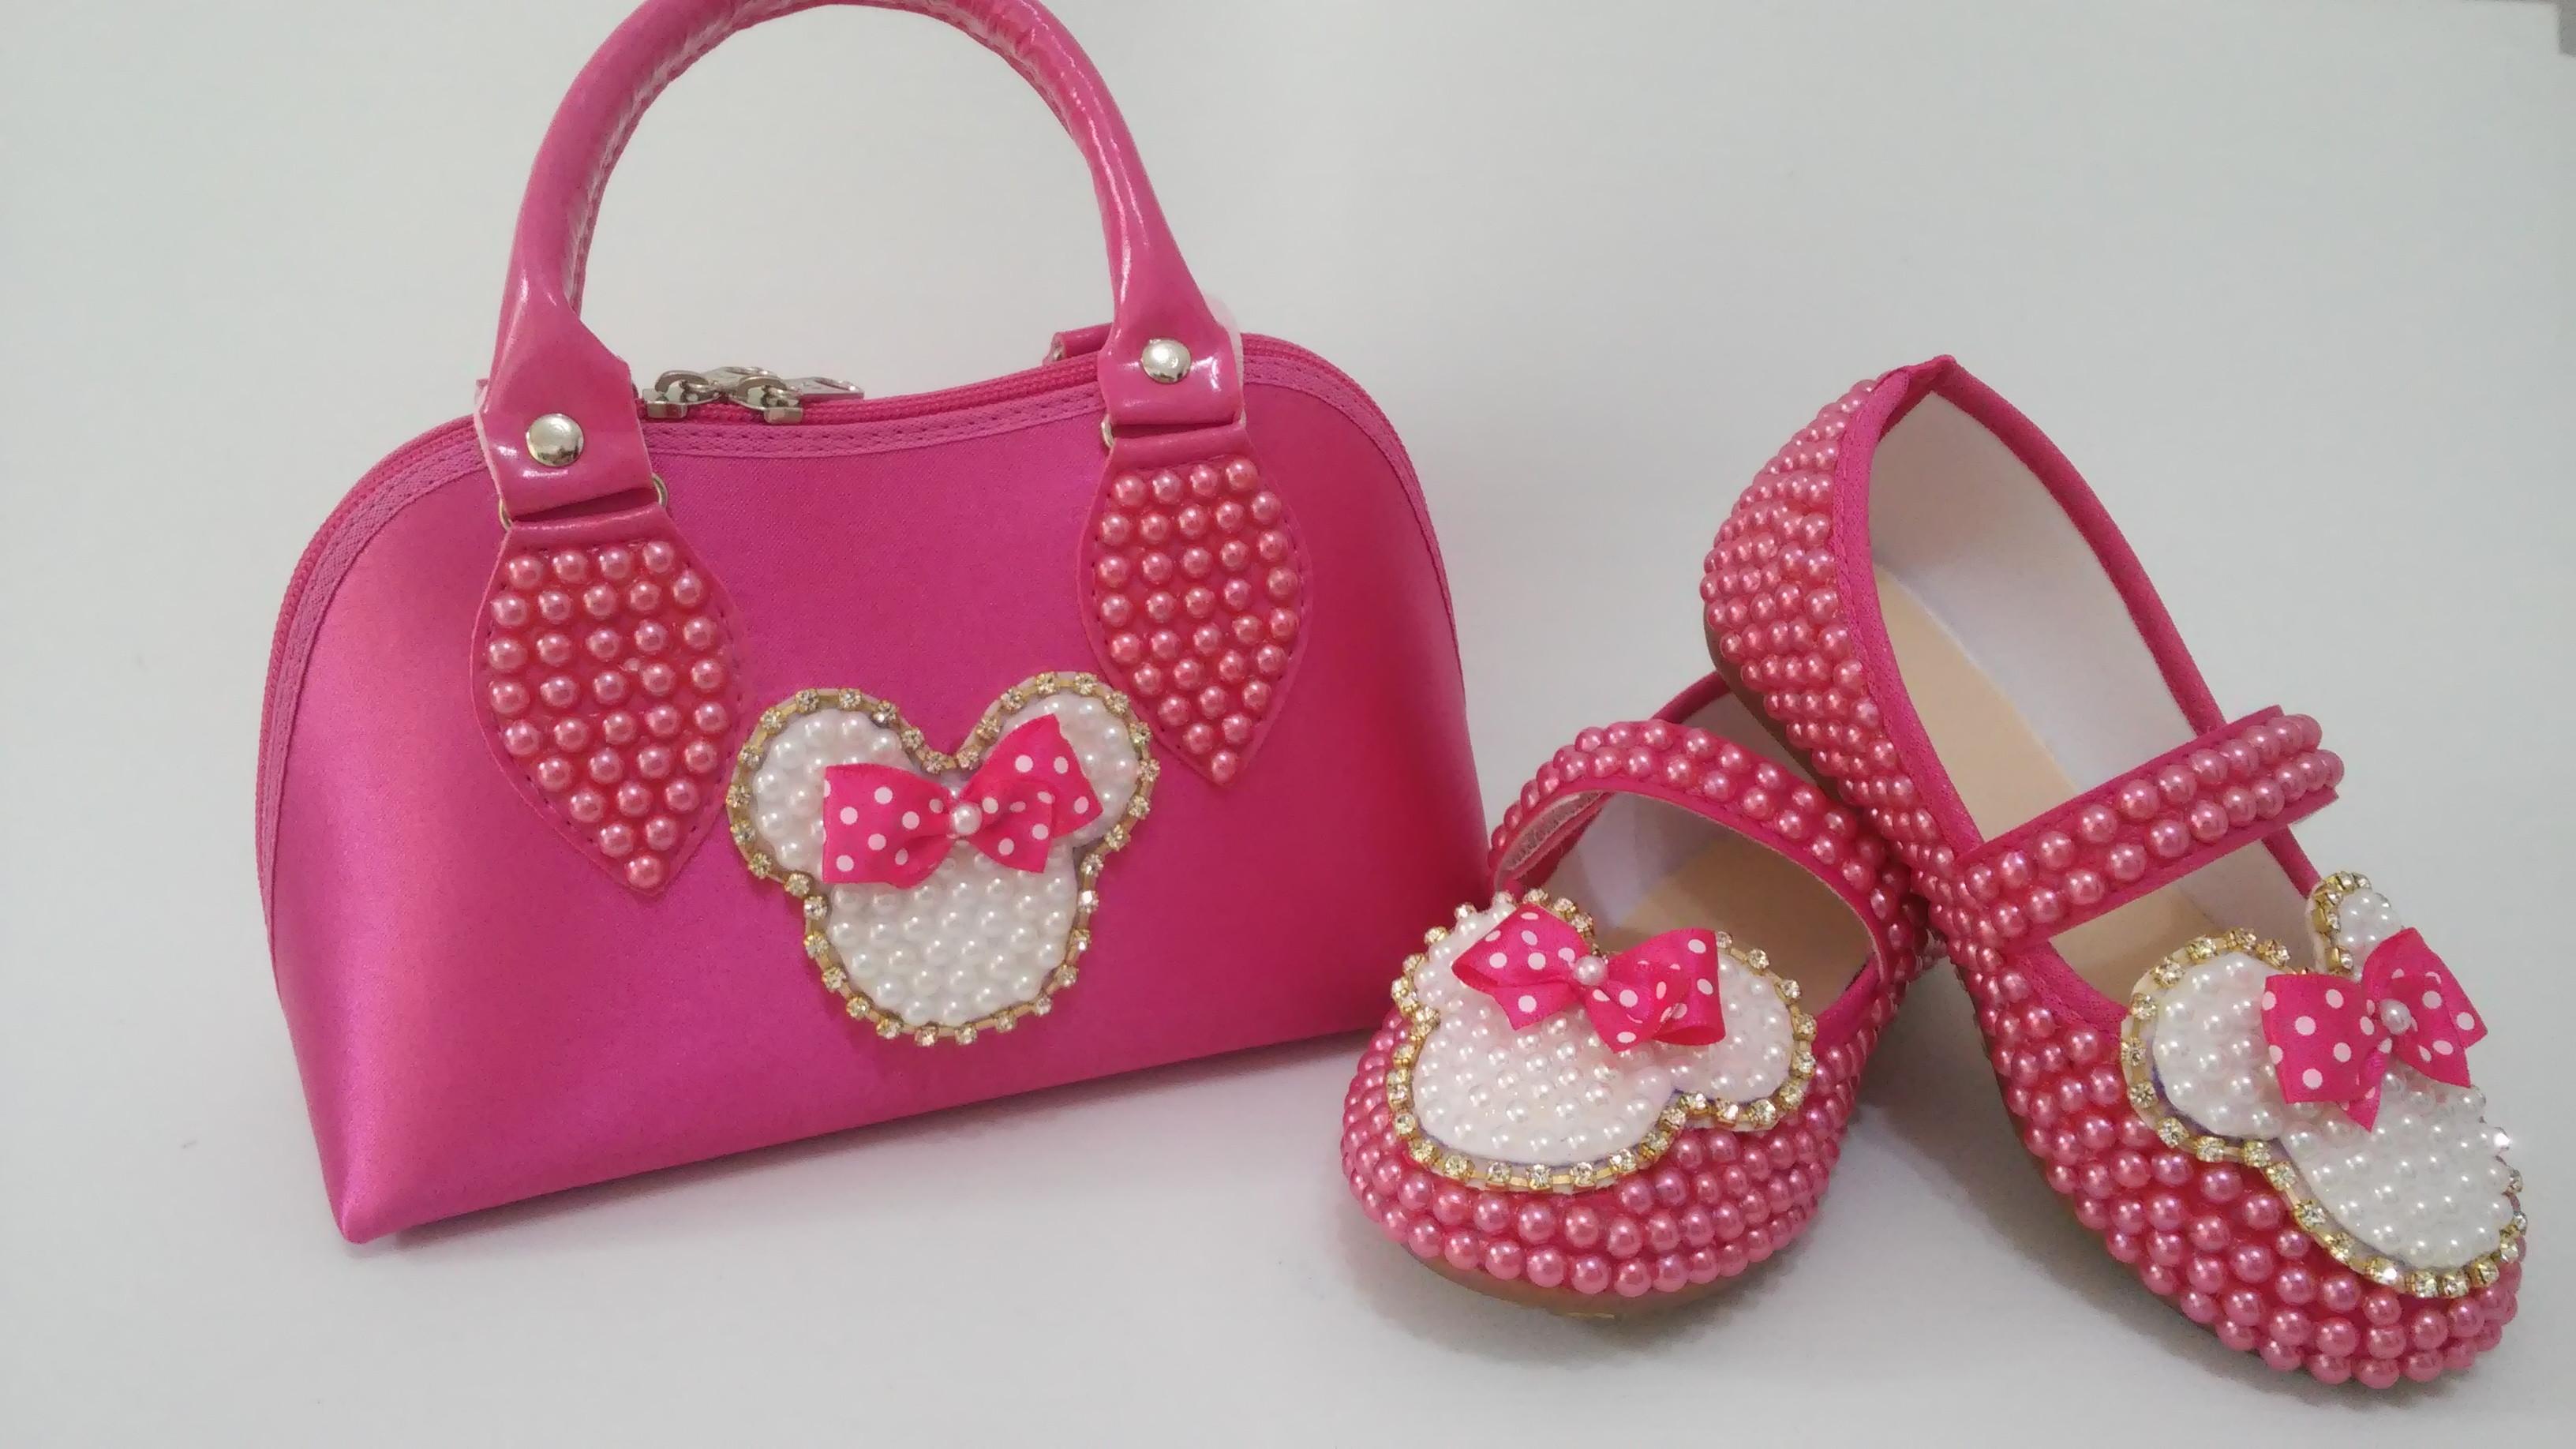 c5de801127 Bolsa Preta Sapatilha Pink